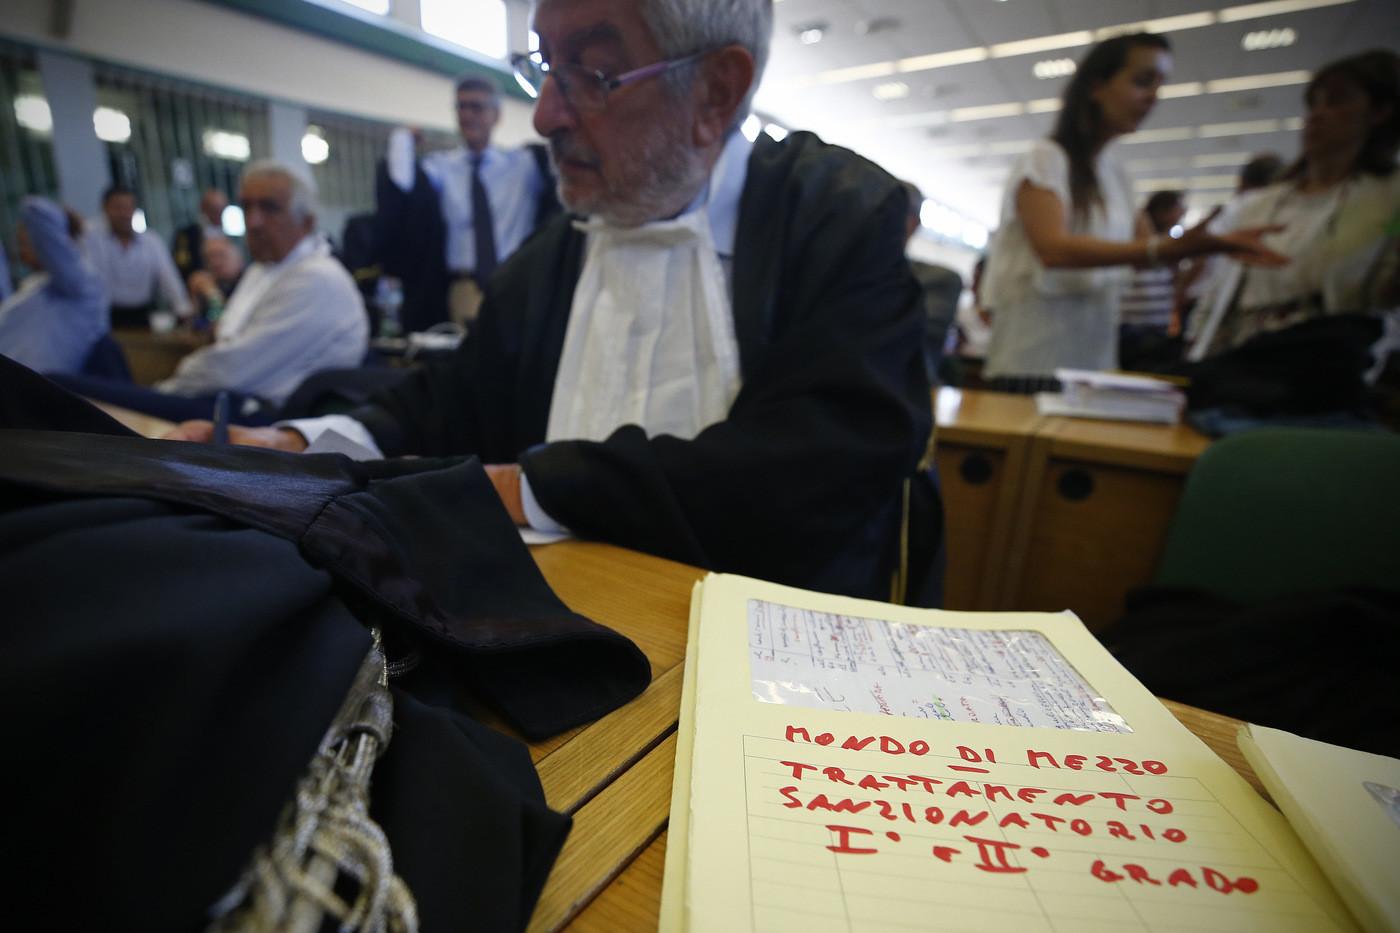 """Mondo di mezzo, la sentenza: 18 anni a Buzzi e 14 a Carminati. Per i giudici: """"Ci fu associazione mafiosa"""""""